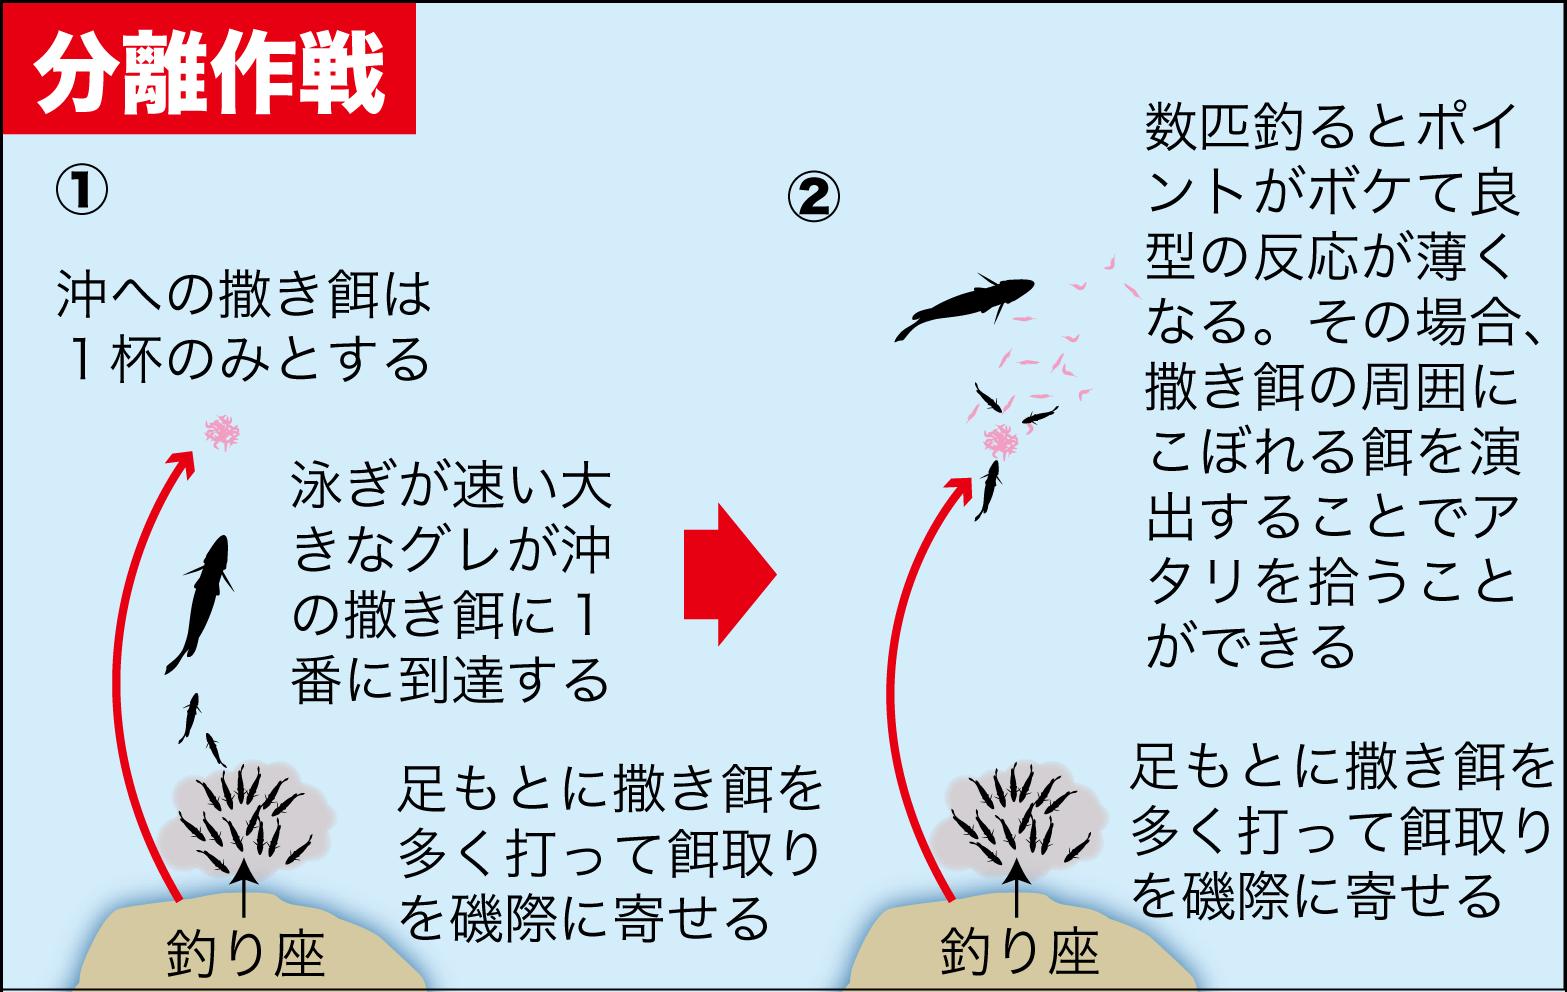 秋磯グレ2-8